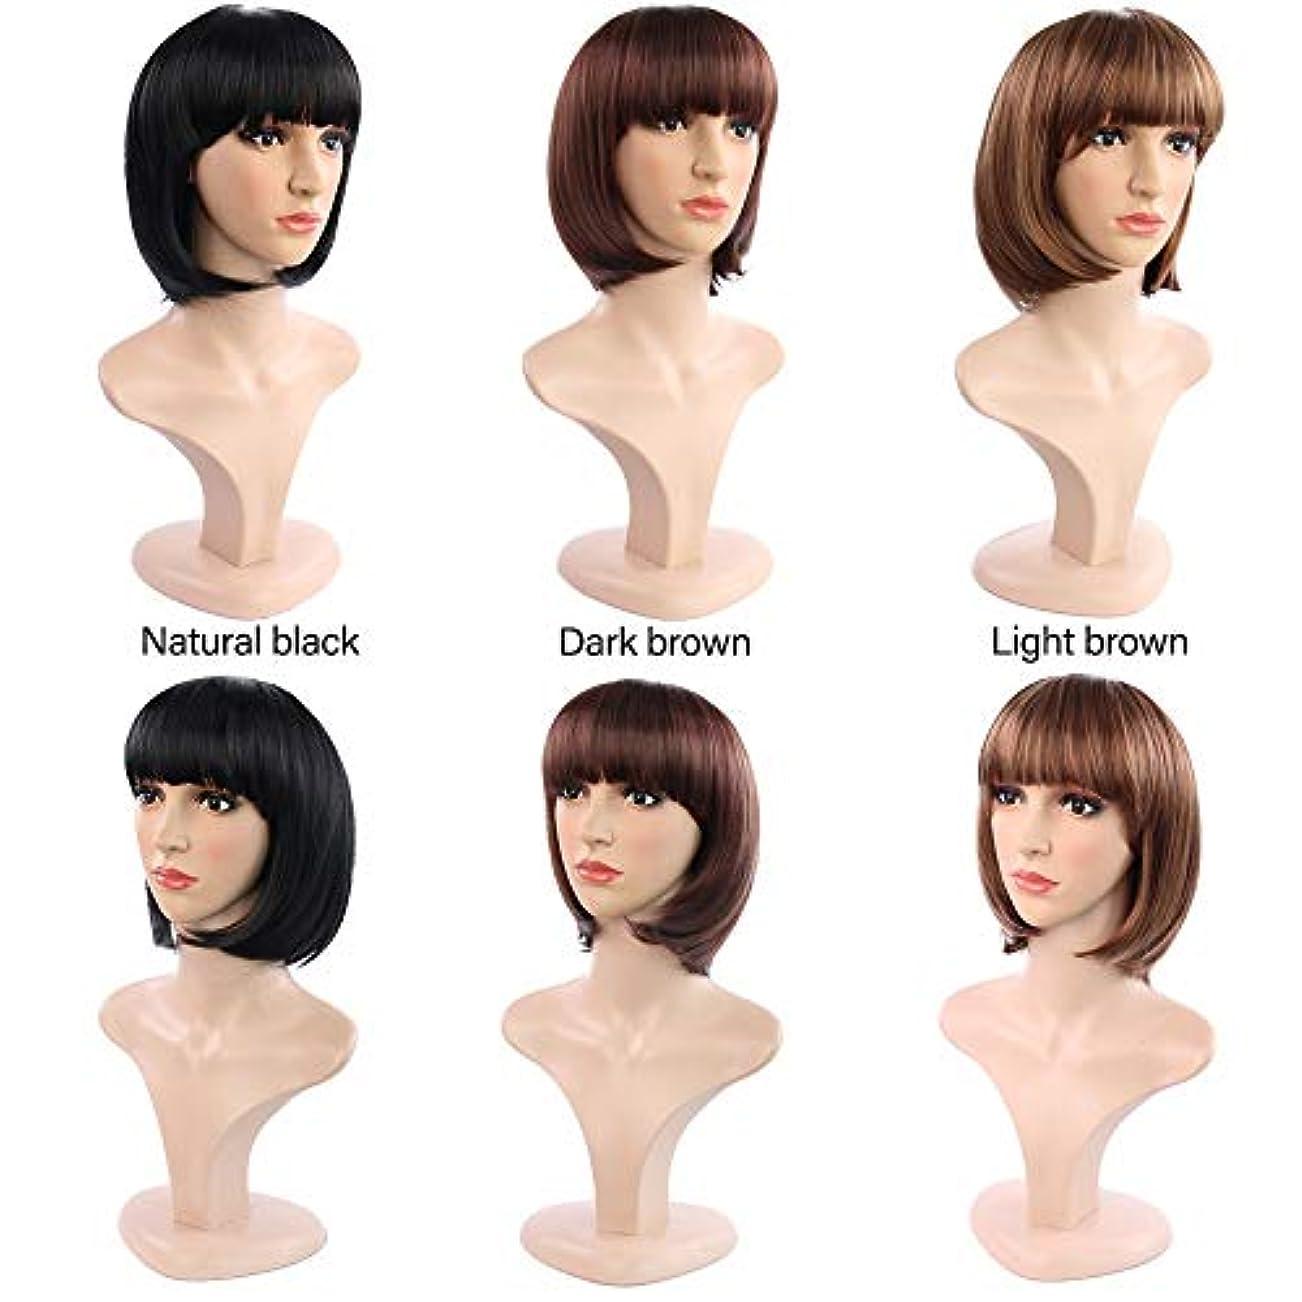 急性たぶん麻痺平らな前髪の女性の短い巻き毛のかつら、短いボブの巻き毛のかつら、耐熱性の人工的な毛の取り替えのかつら、ハロウィンのコスプレパーティーの衣装のかつら(かつらの帽子と) (Color : Natural black)